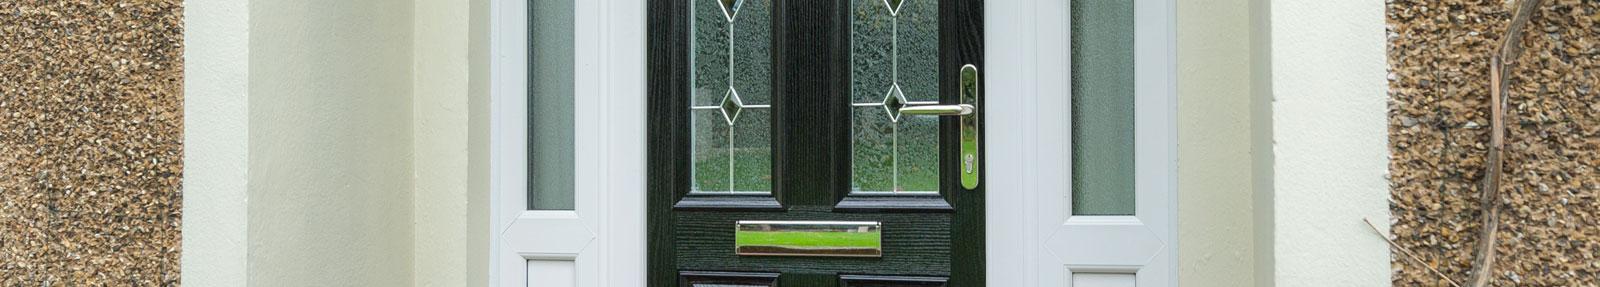 & Double Glazed uPVC Doors | Wirral | Liverpool | Prenton Glass